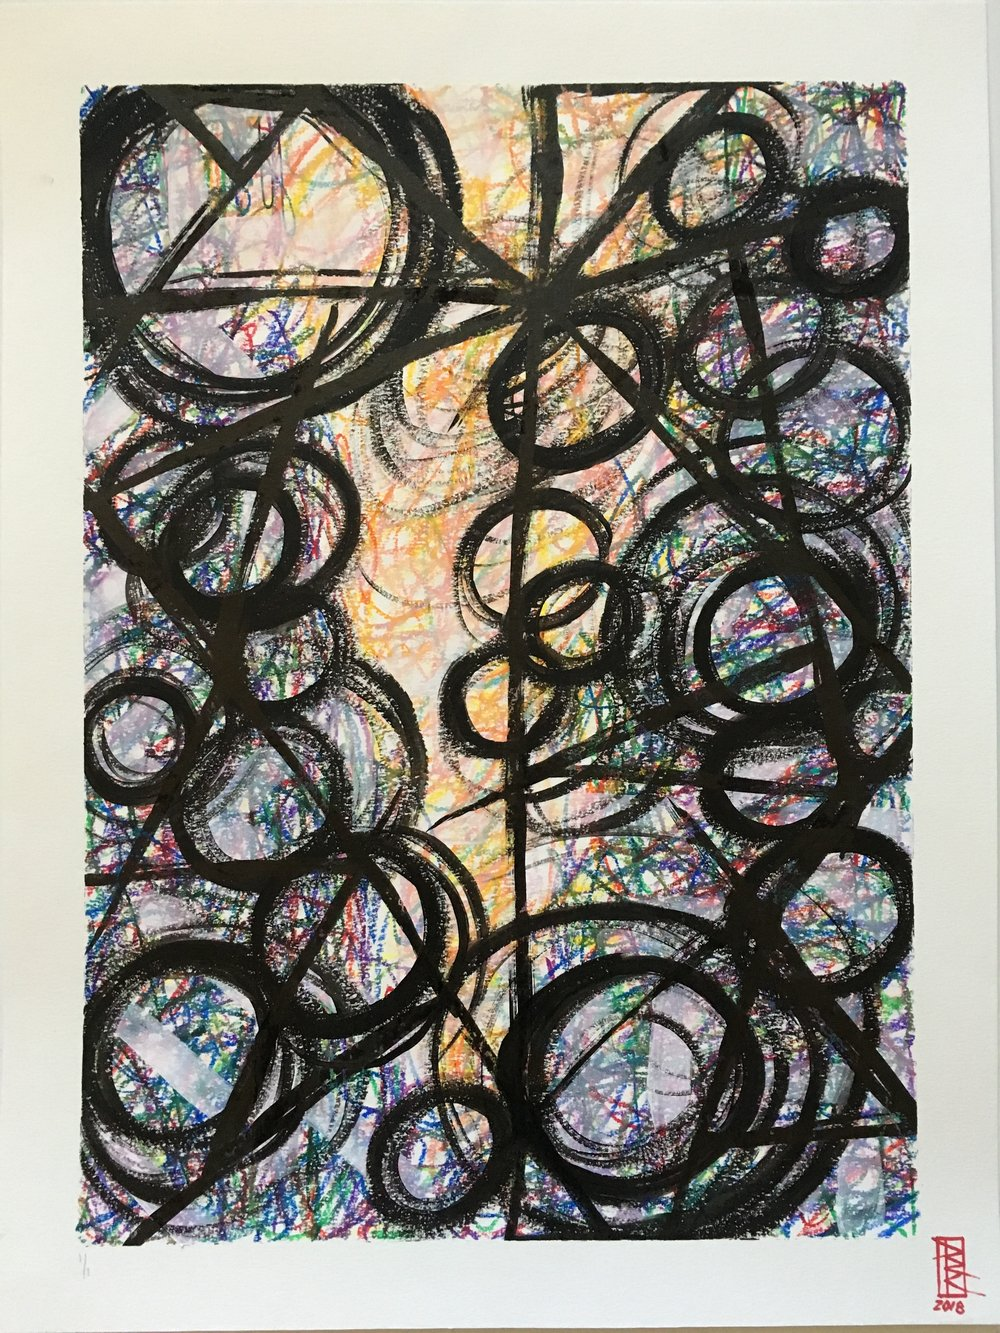 String Theory 2.0 II, 2018